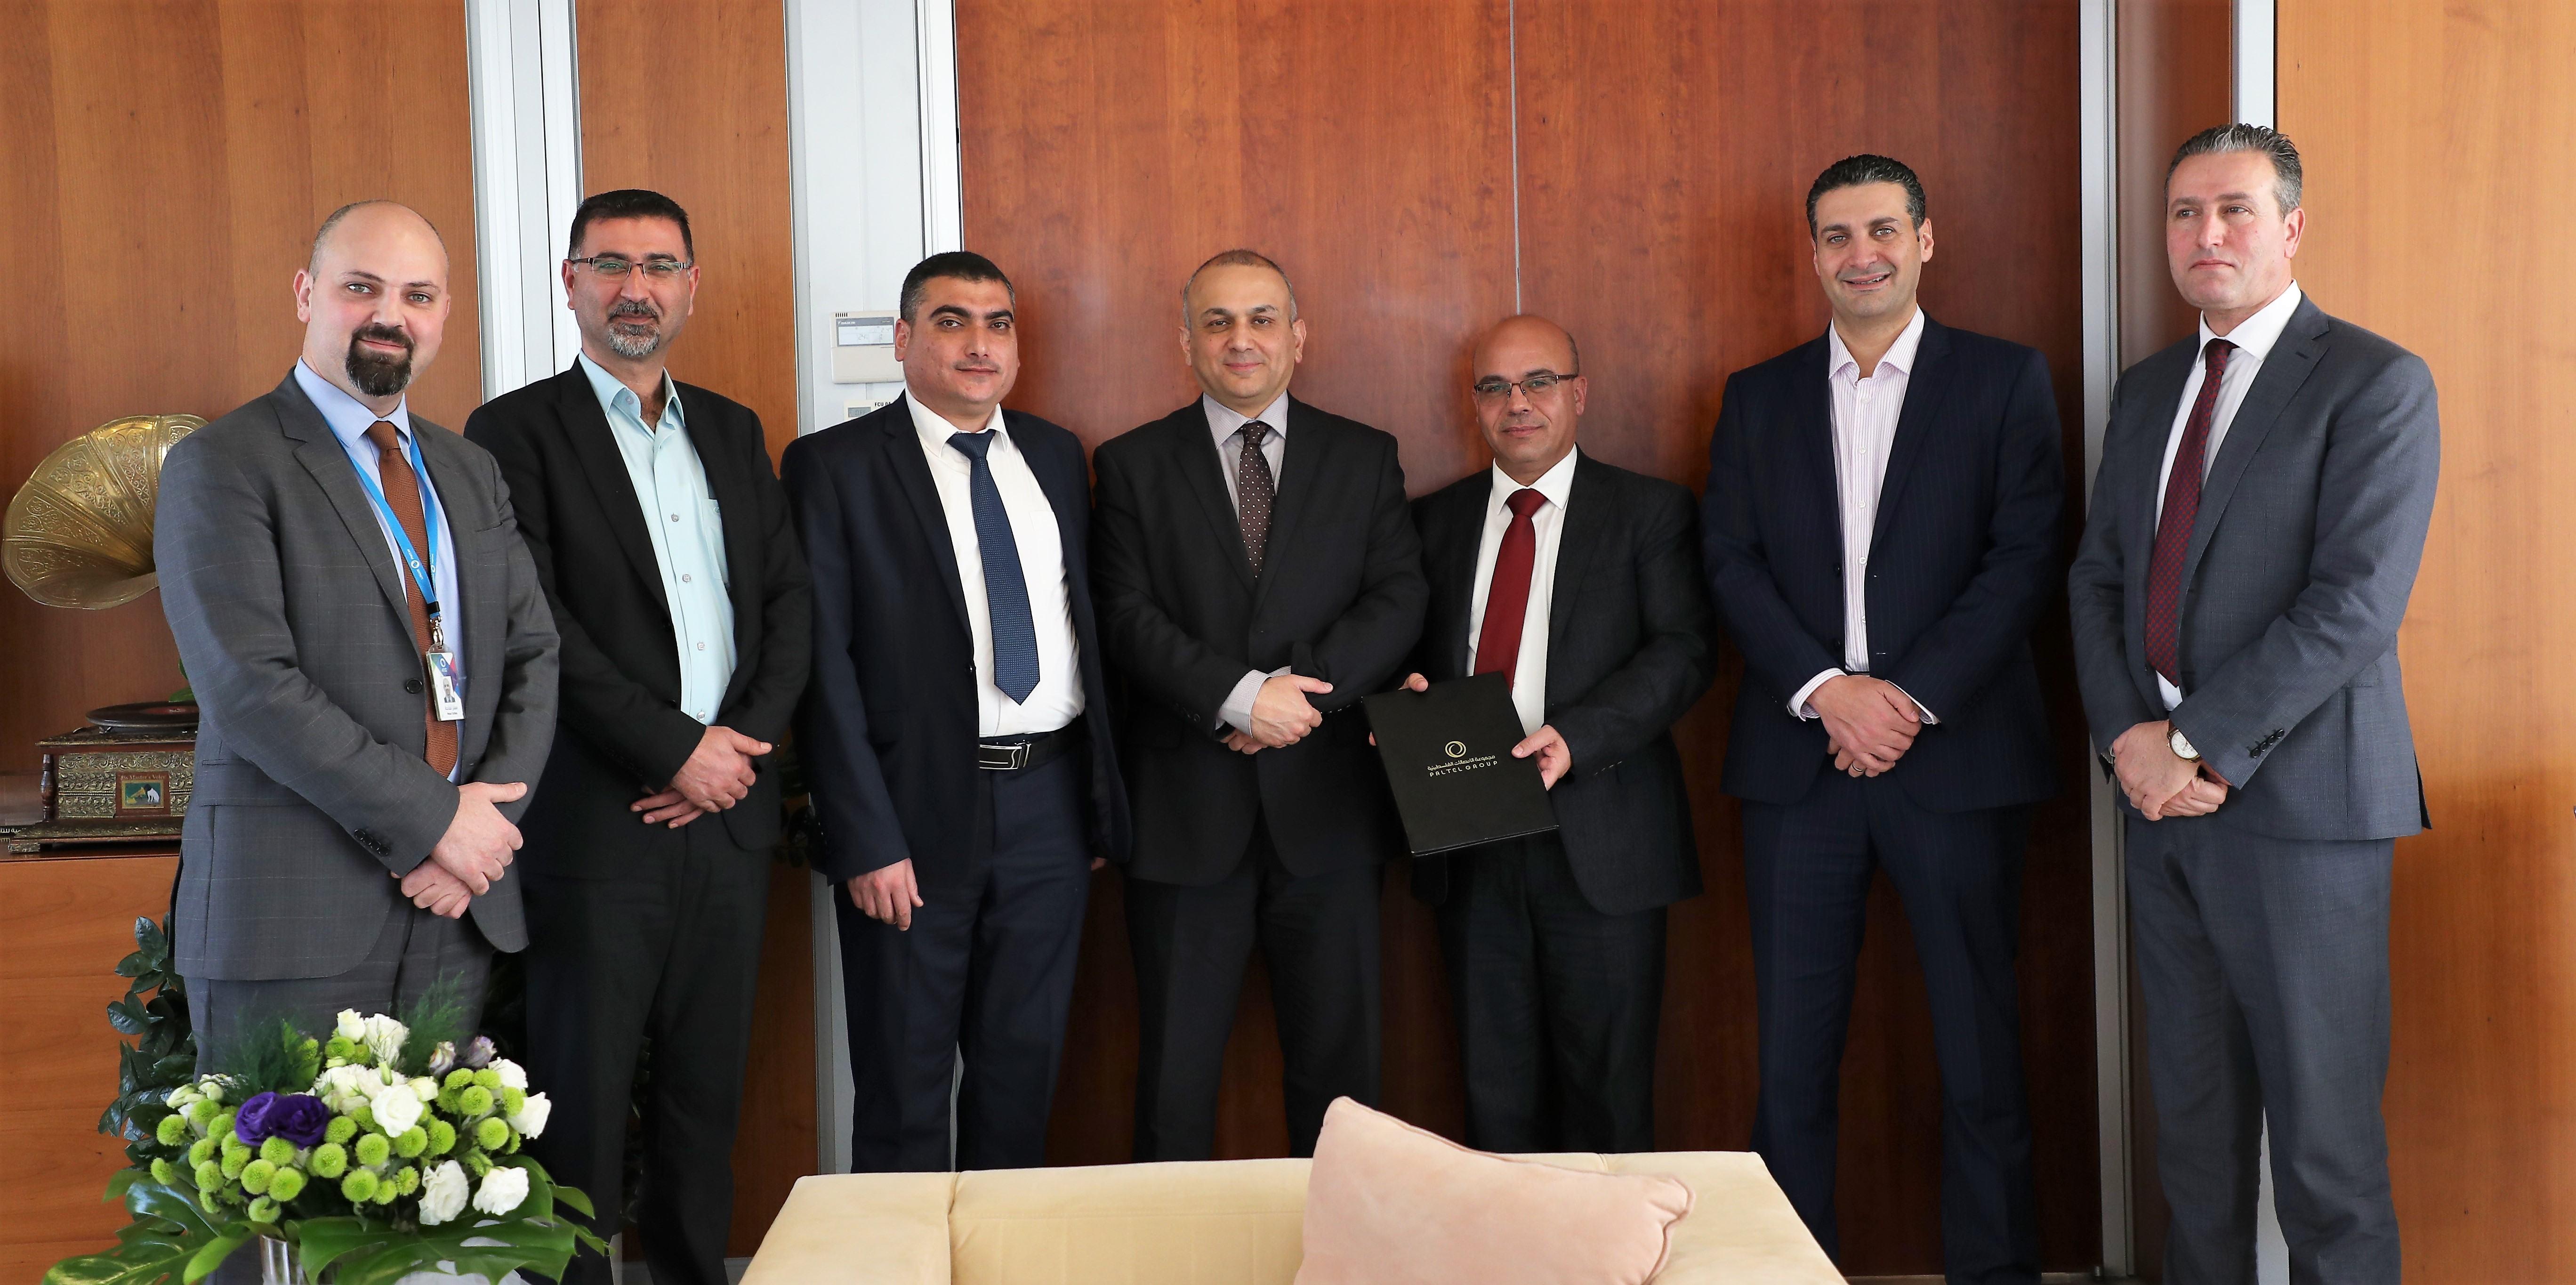 مجموعة الاتصالات الفلسطينية والجامعة العربية الامريكية توقعان اتفاقية تعاون